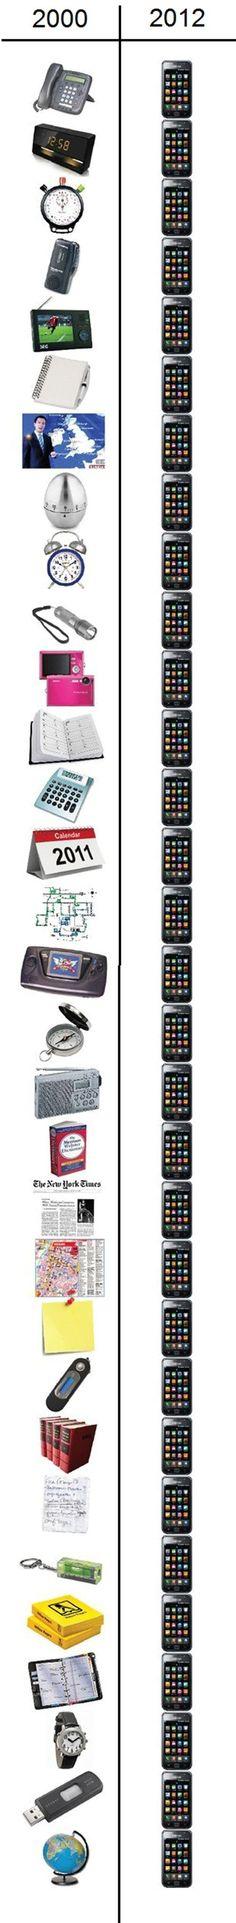 gadgets 2000 vs gadgets 2012